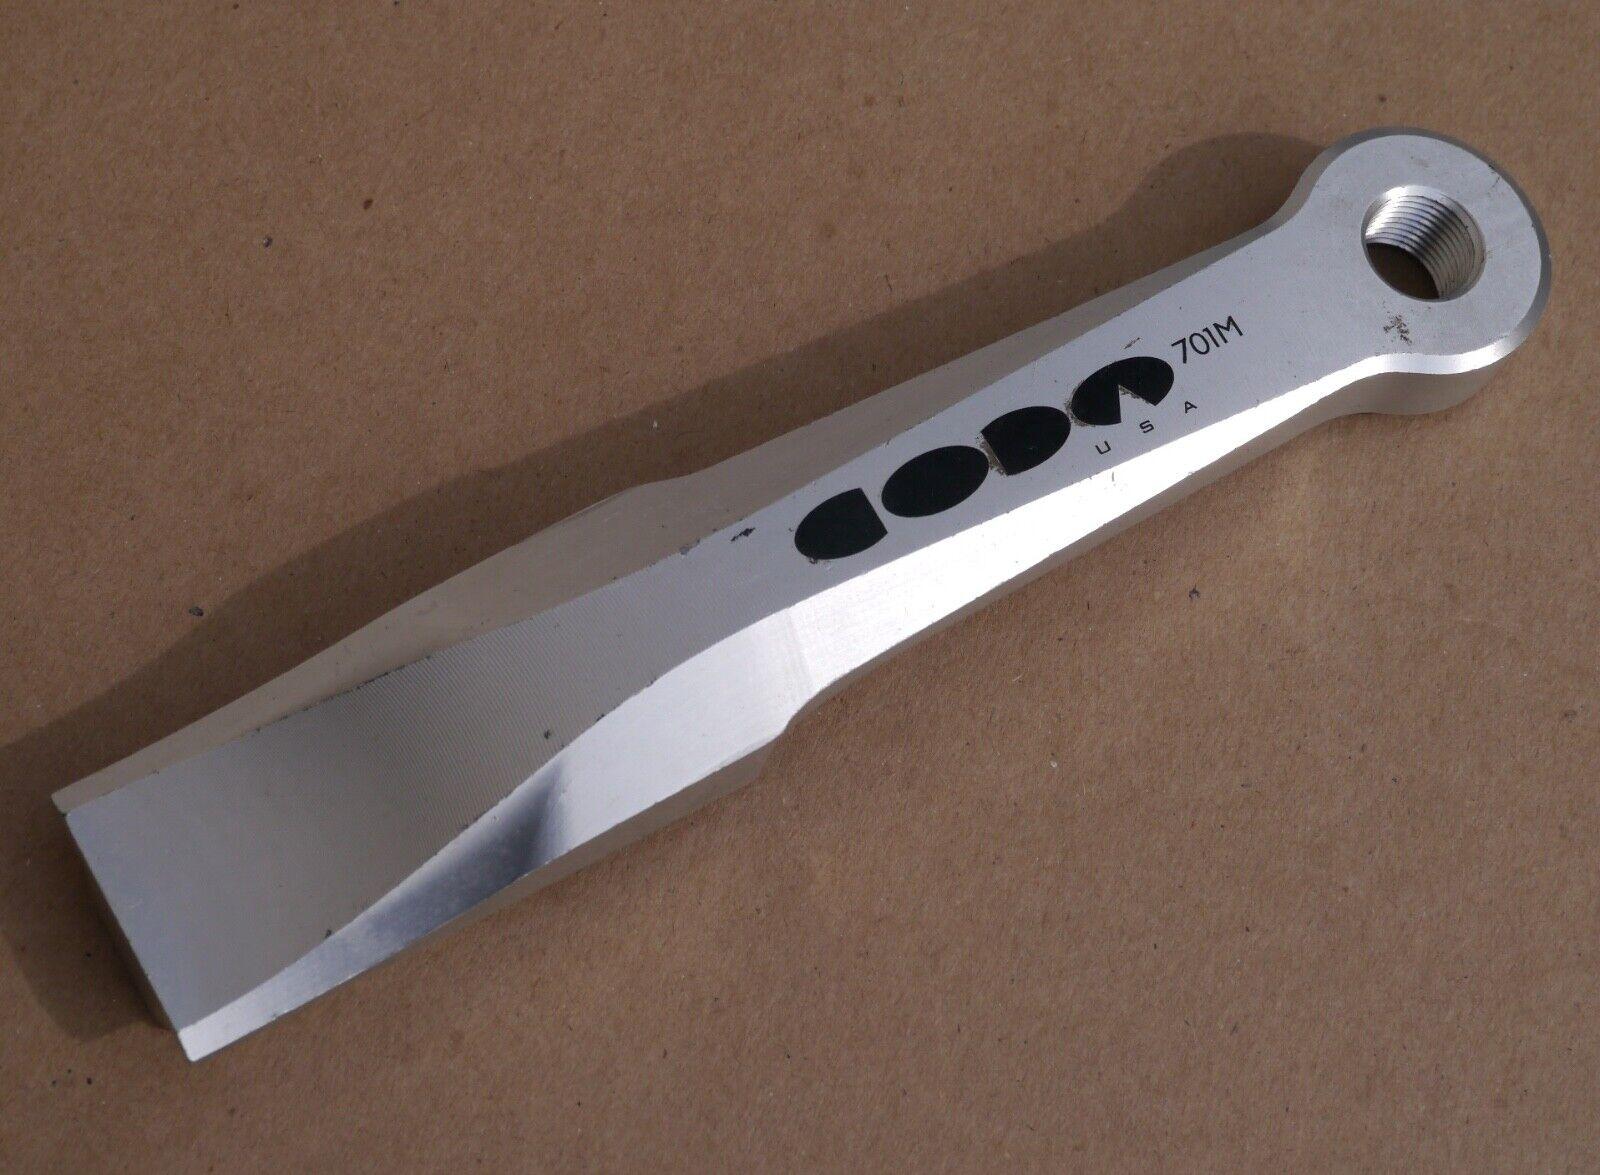 NOS Coda Usa 701M, 175 mm right crank arm, aluminium Cnc made, 1996